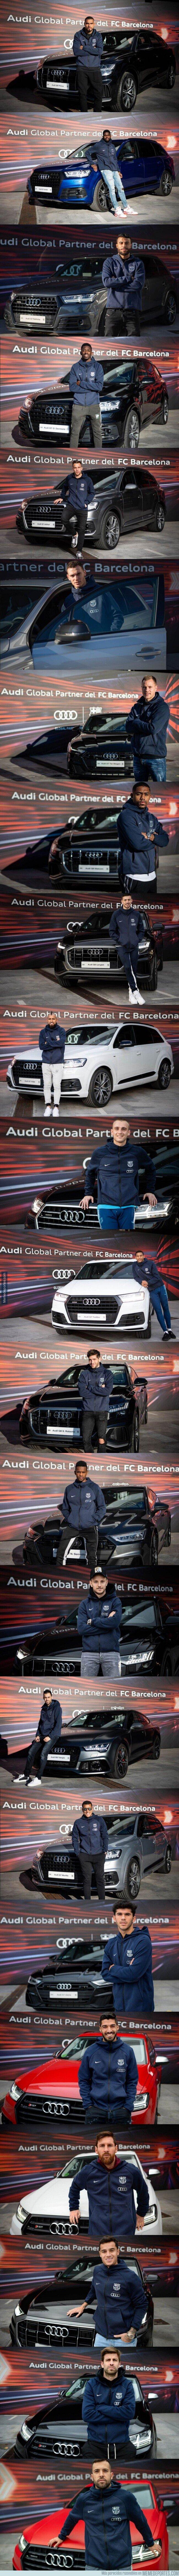 1069543 - Estos son los nuevos cochazos Audi que han regalado a los jugadores del Barça